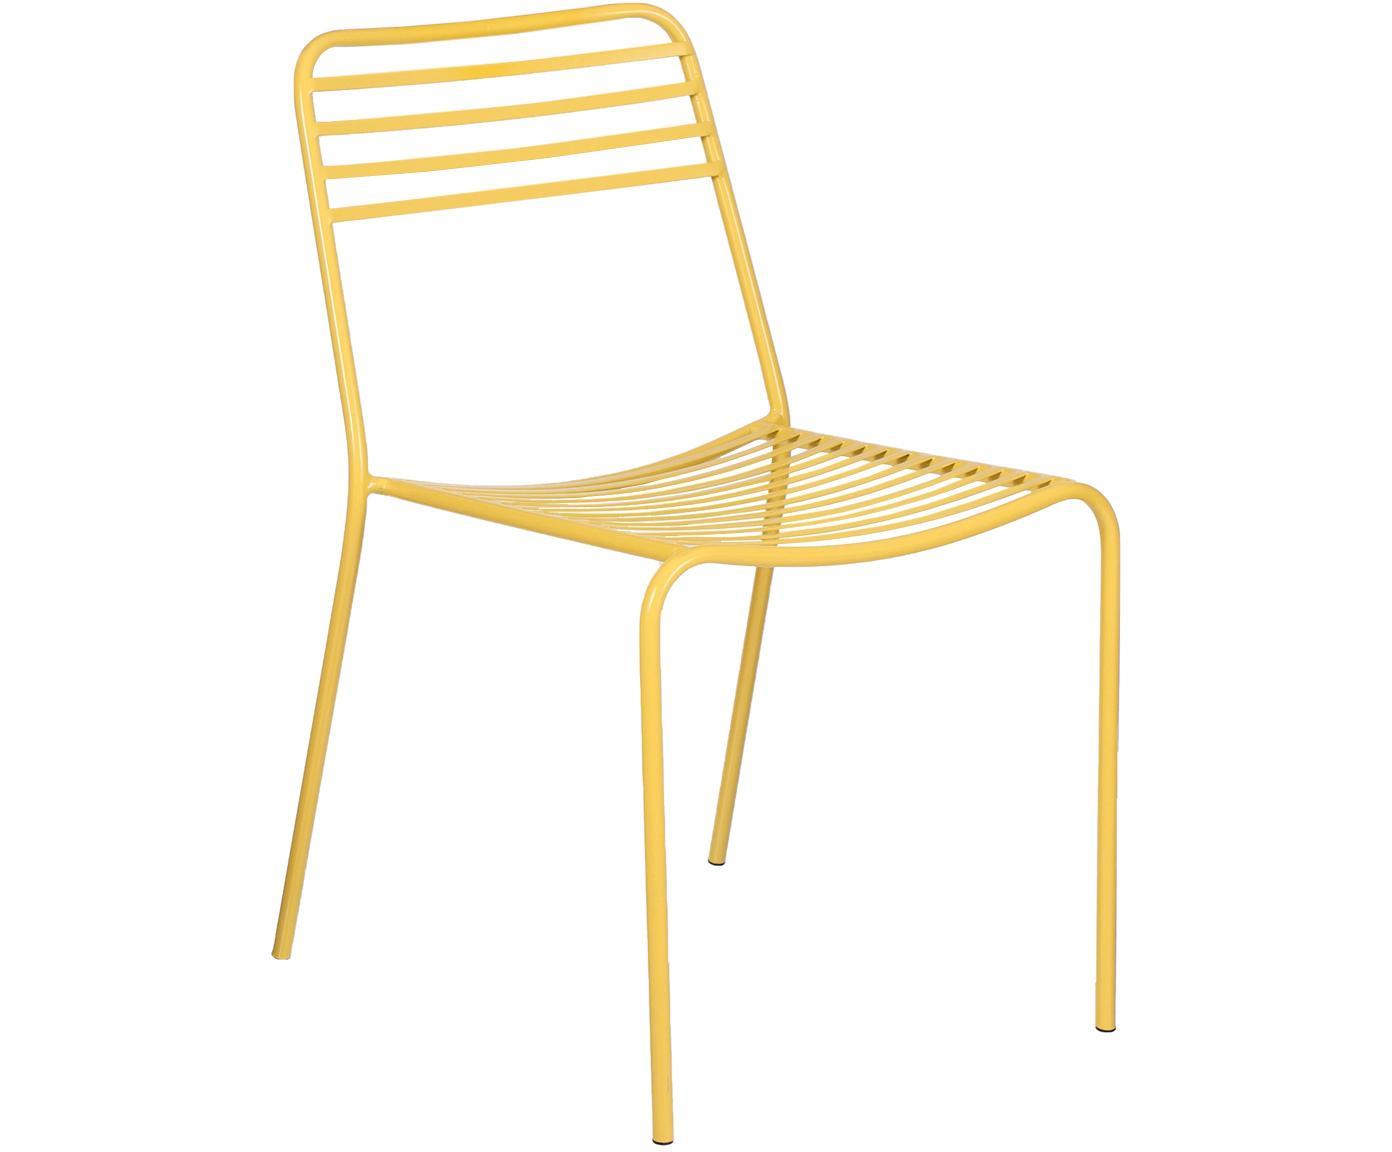 Krzesło balkonowe z metalu Tula, 2szt., Metal malowany proszkowo, Żółty, S 48 x G 54 cm